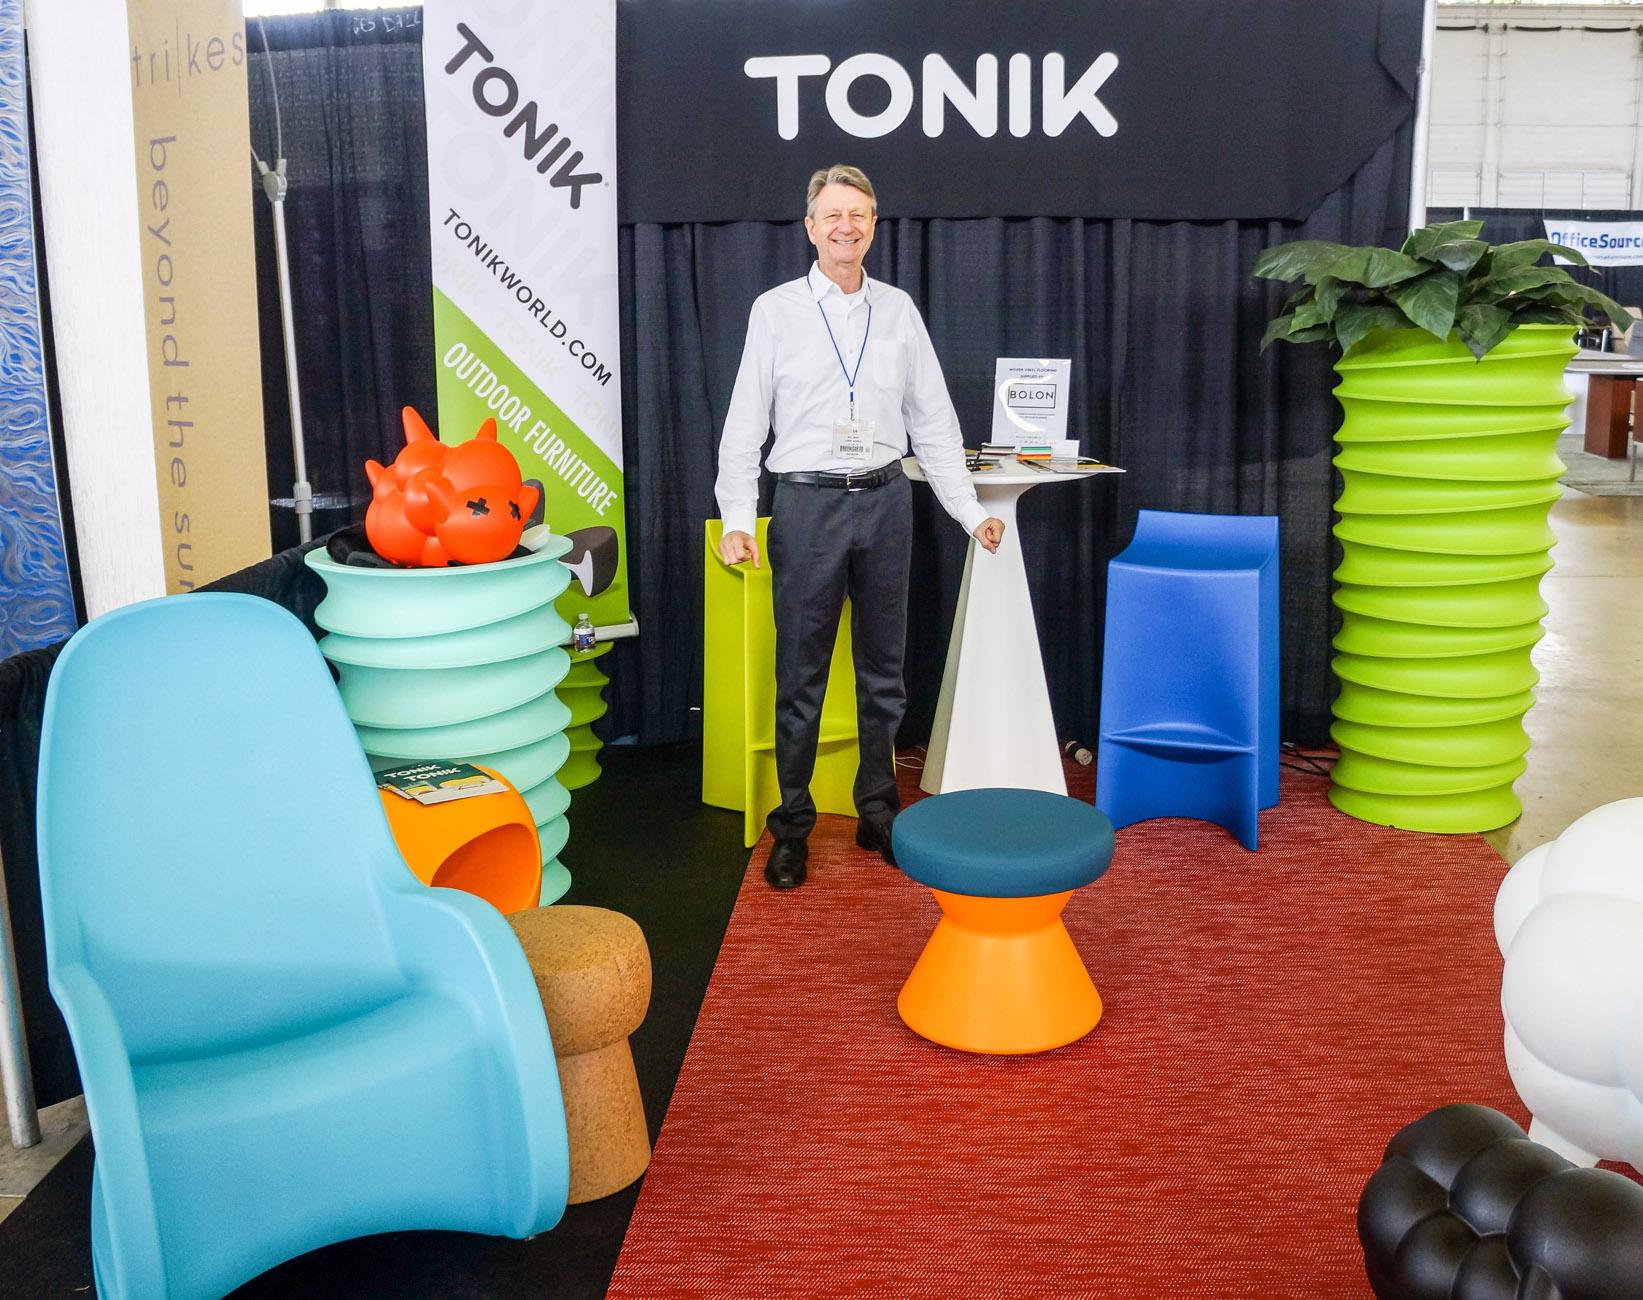 booths-Bost-Tonik-DSC06376.jpg